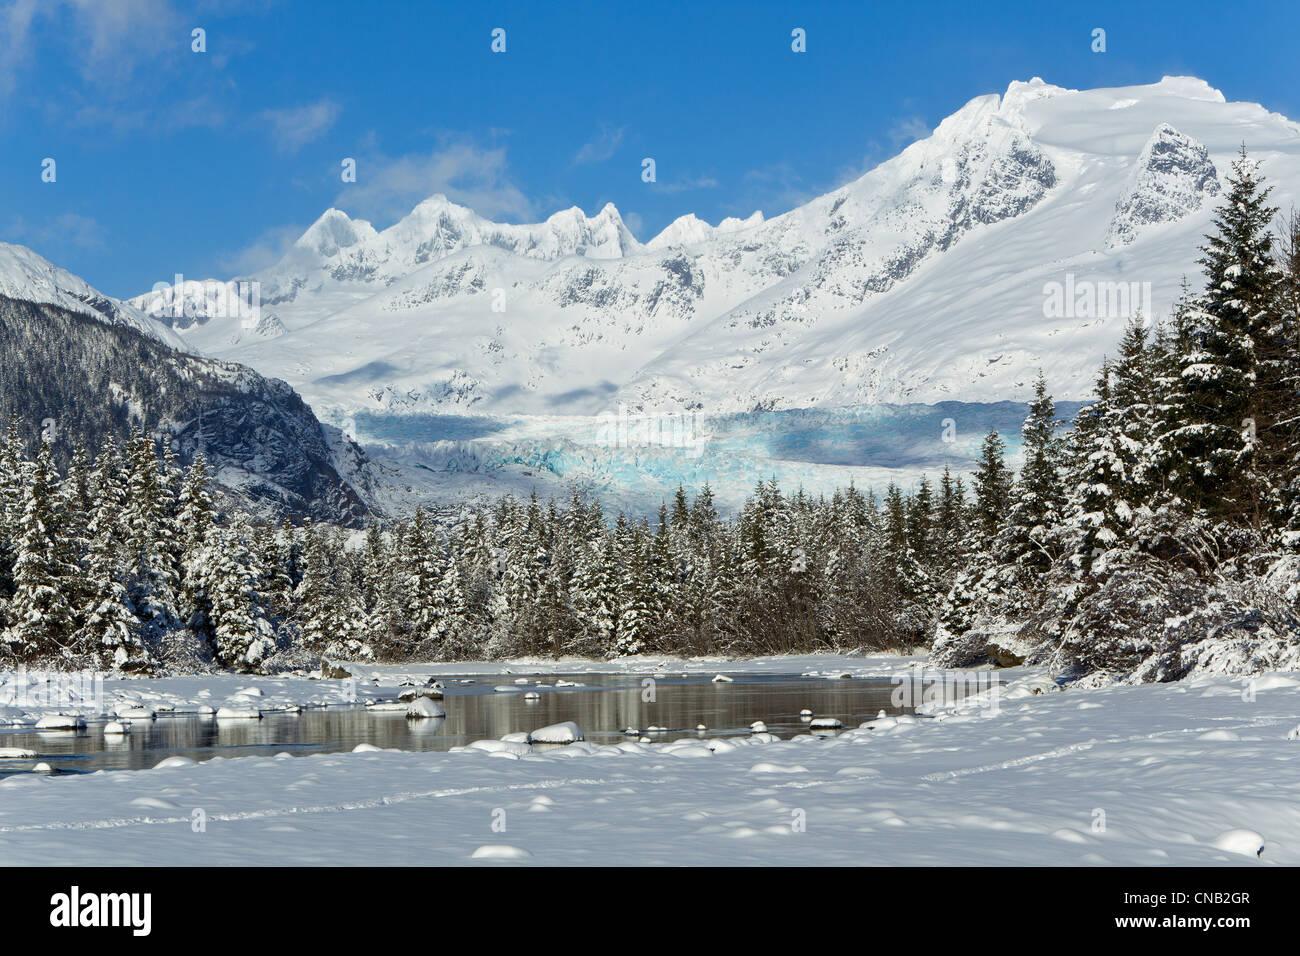 Paysage d'hiver panoramique de la rivière Mendenhall Glacier Mendenhall, et des tours, la Forêt Nationale Photo Stock